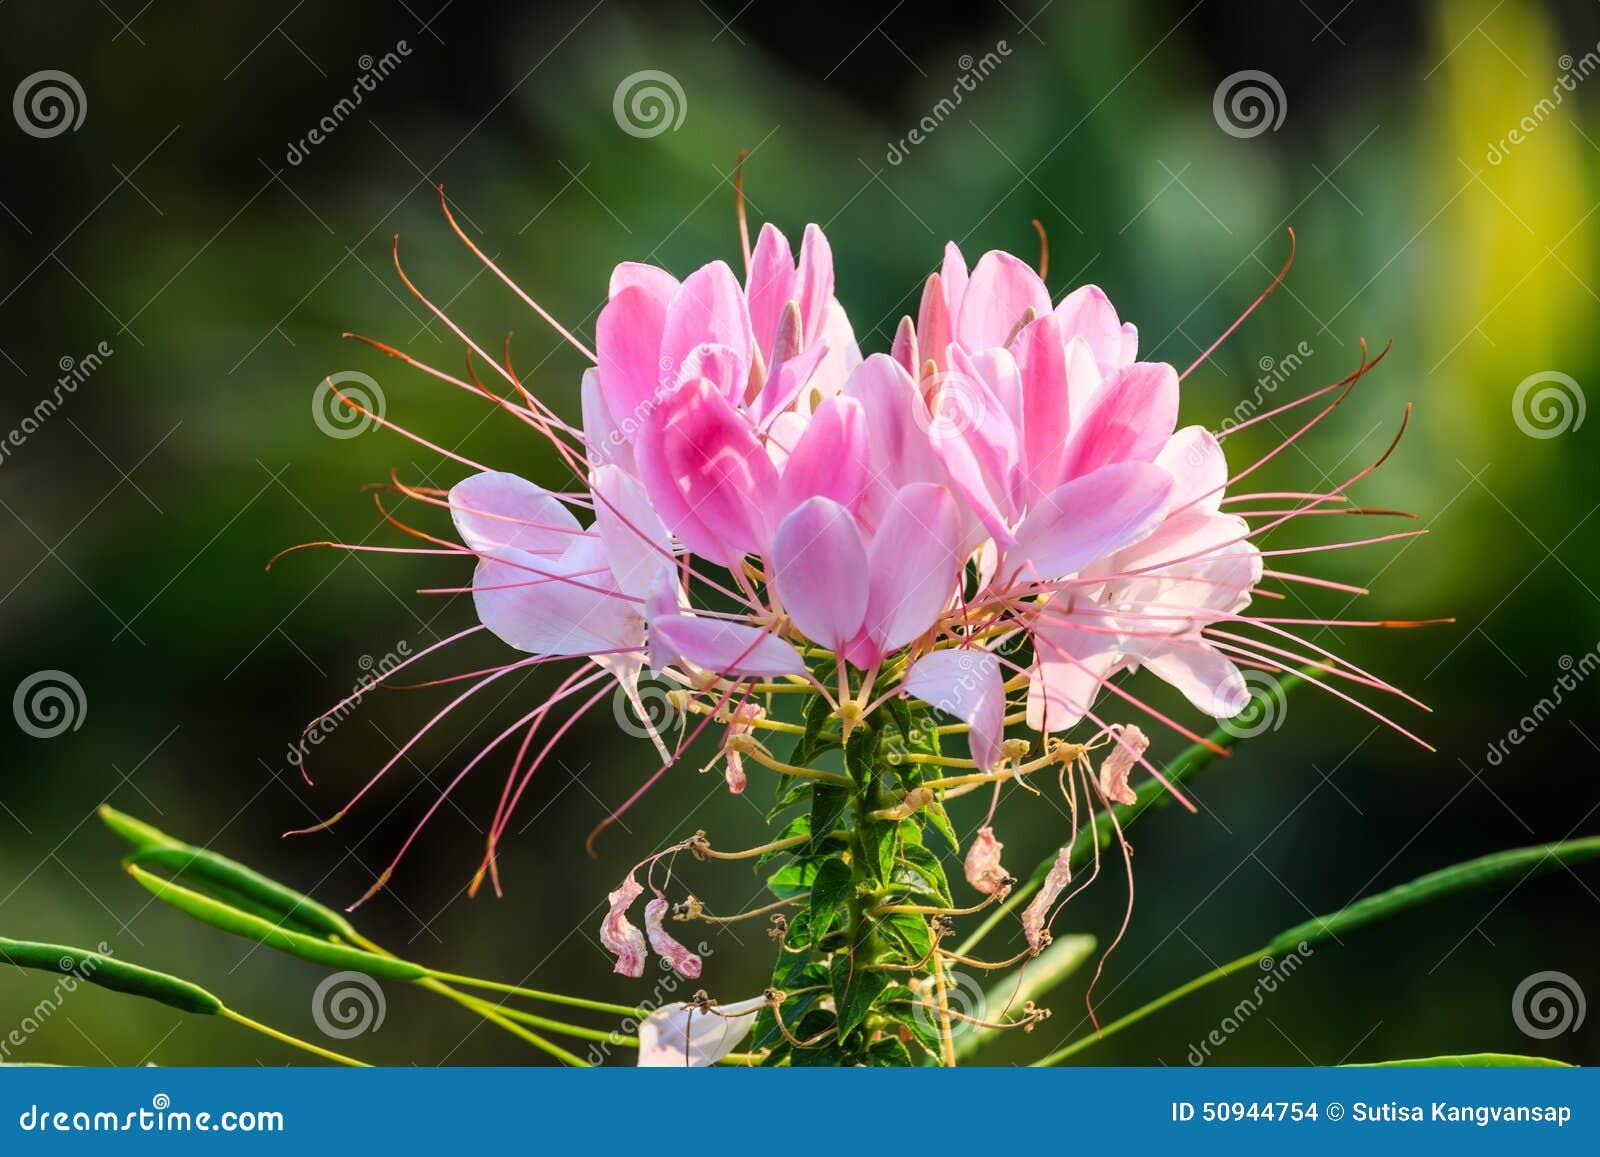 fleur blanche et rose de cleome photo stock - image: 50944754